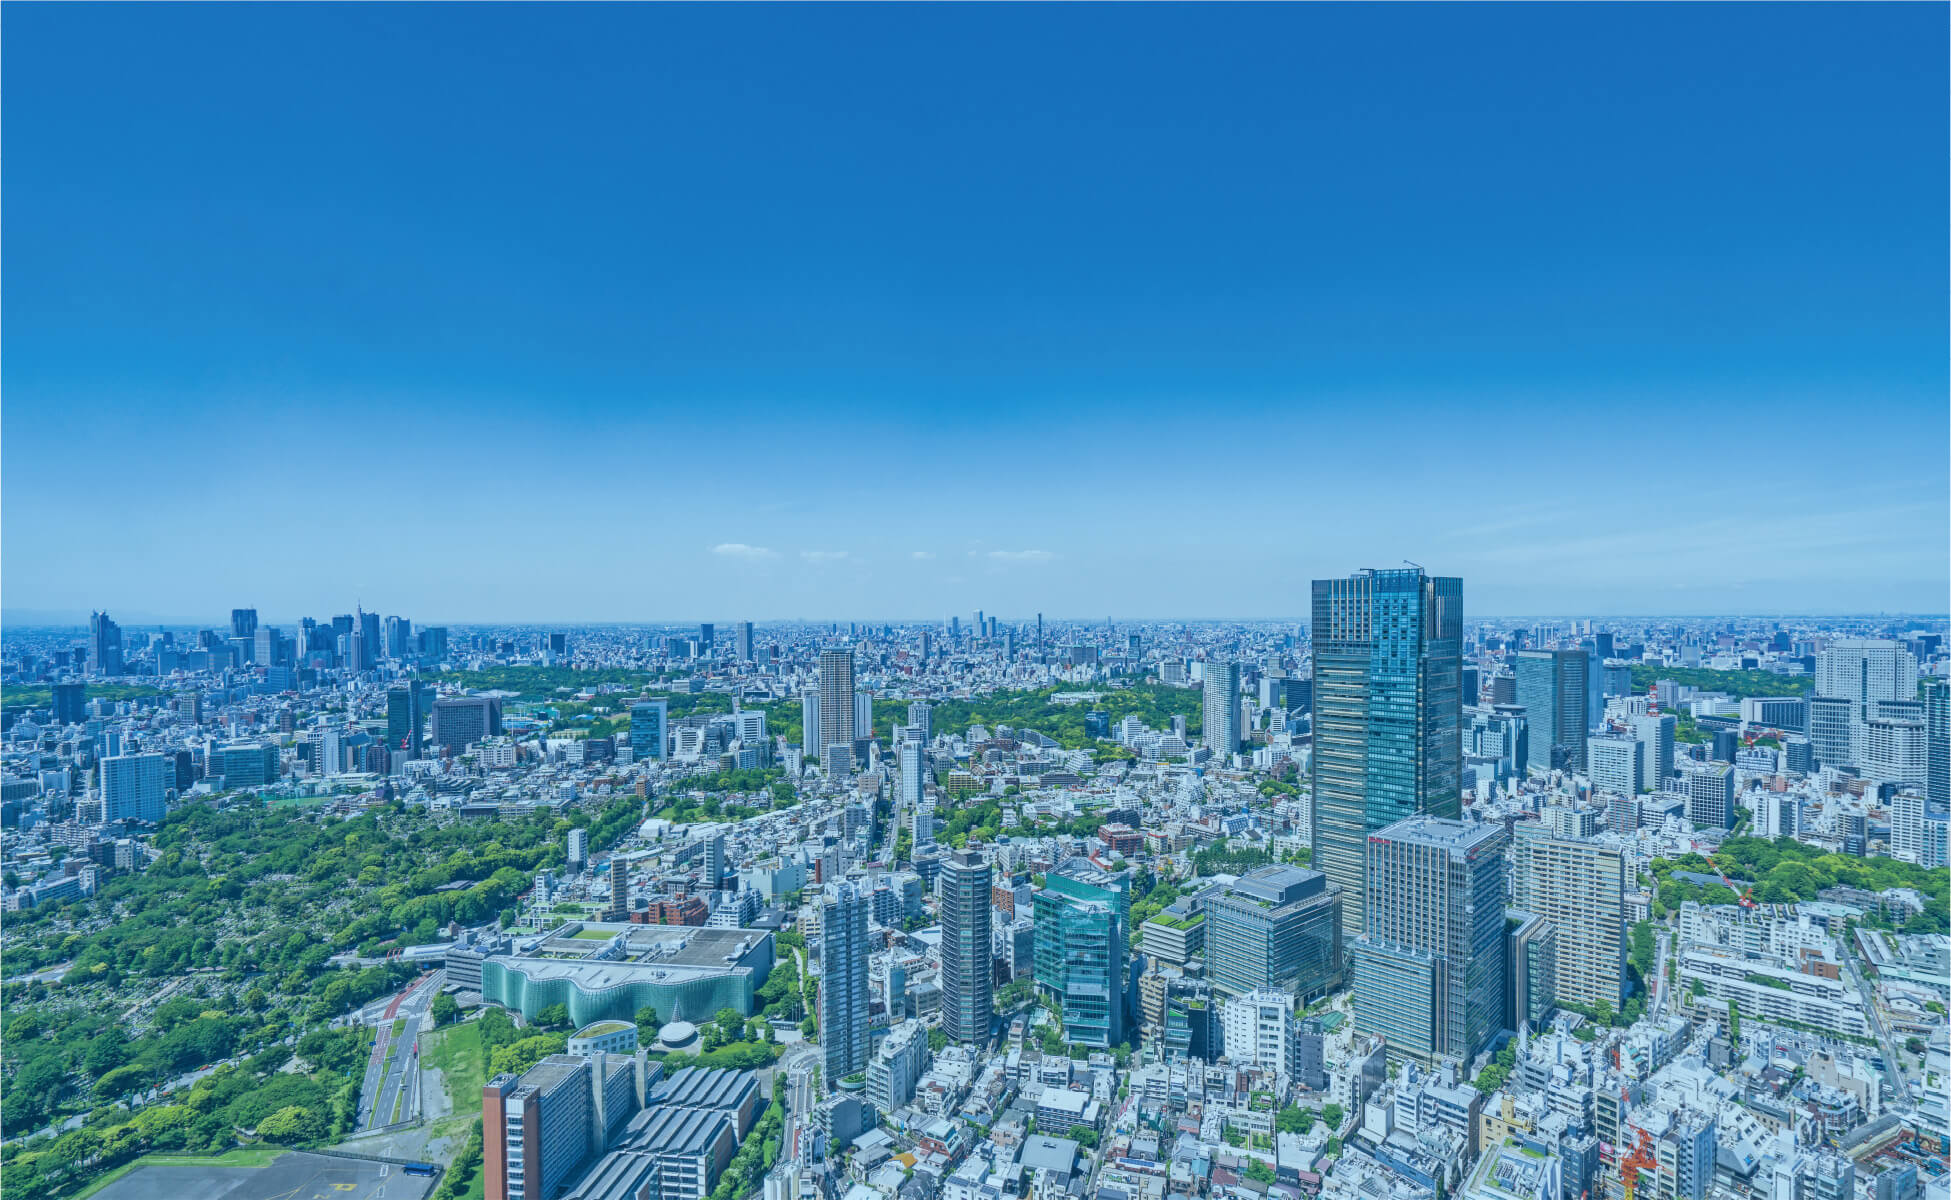 tokyo sky